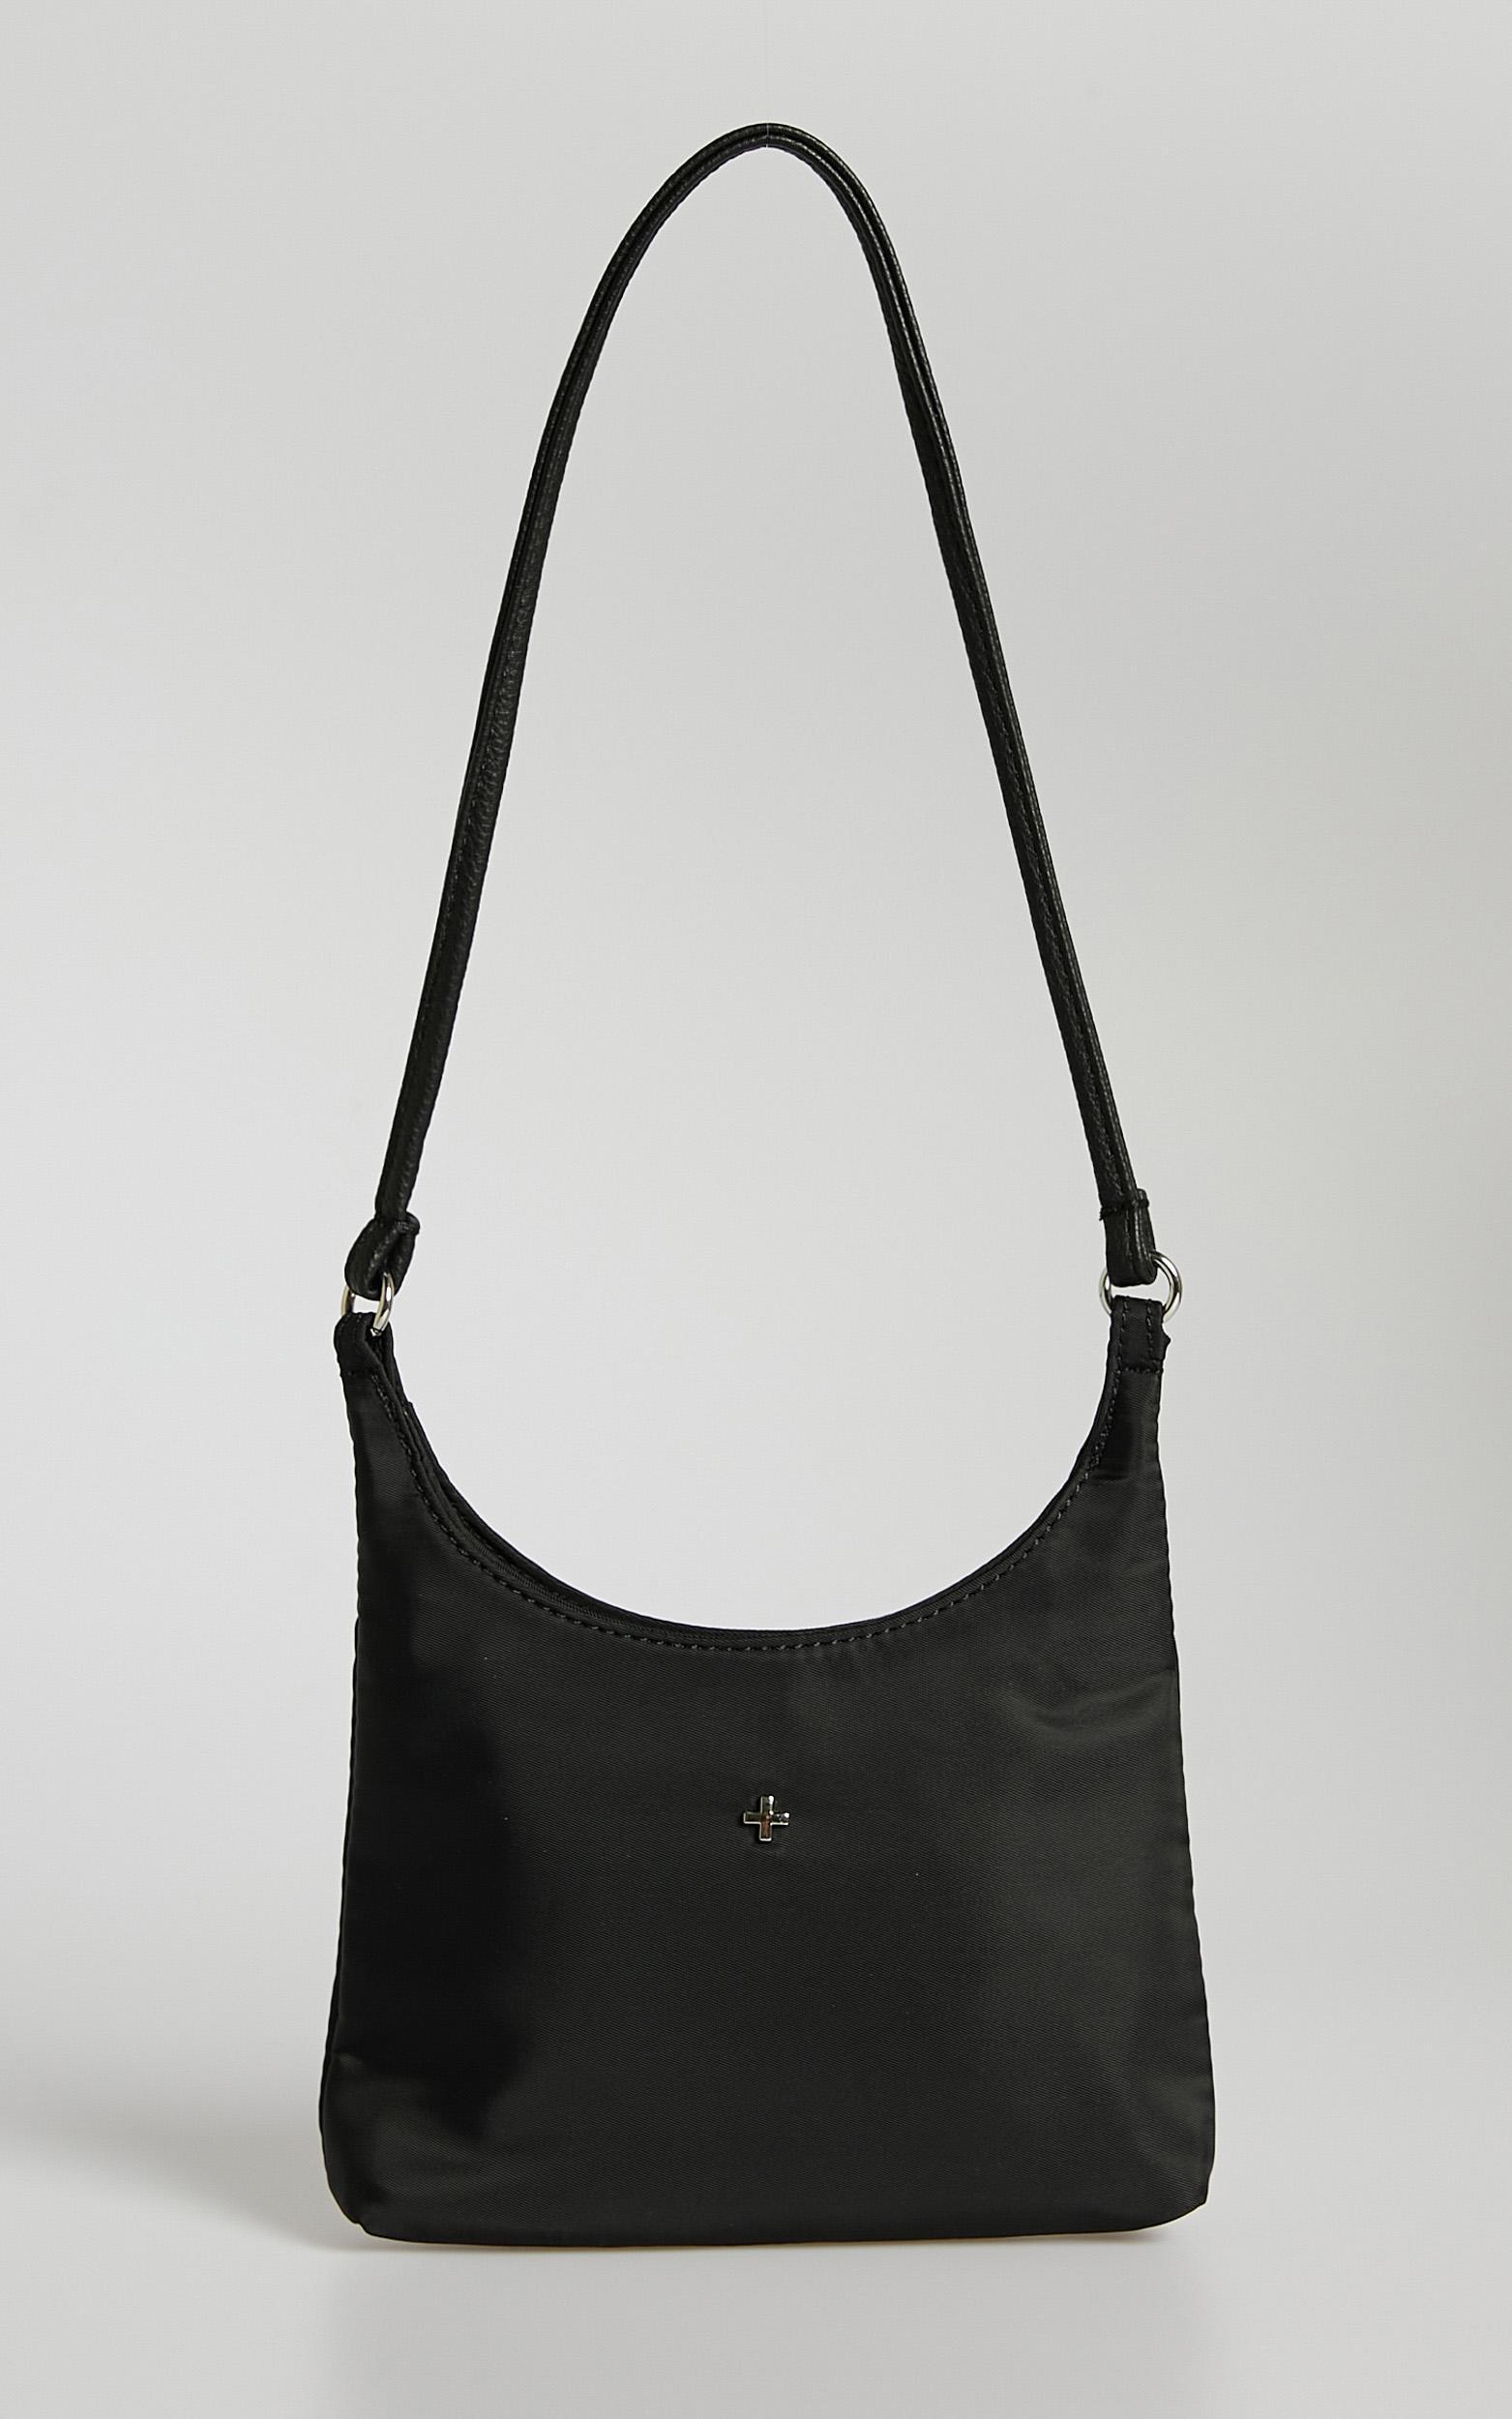 Peta and Jain - Padma Bag in Black Nylon, , hi-res image number null